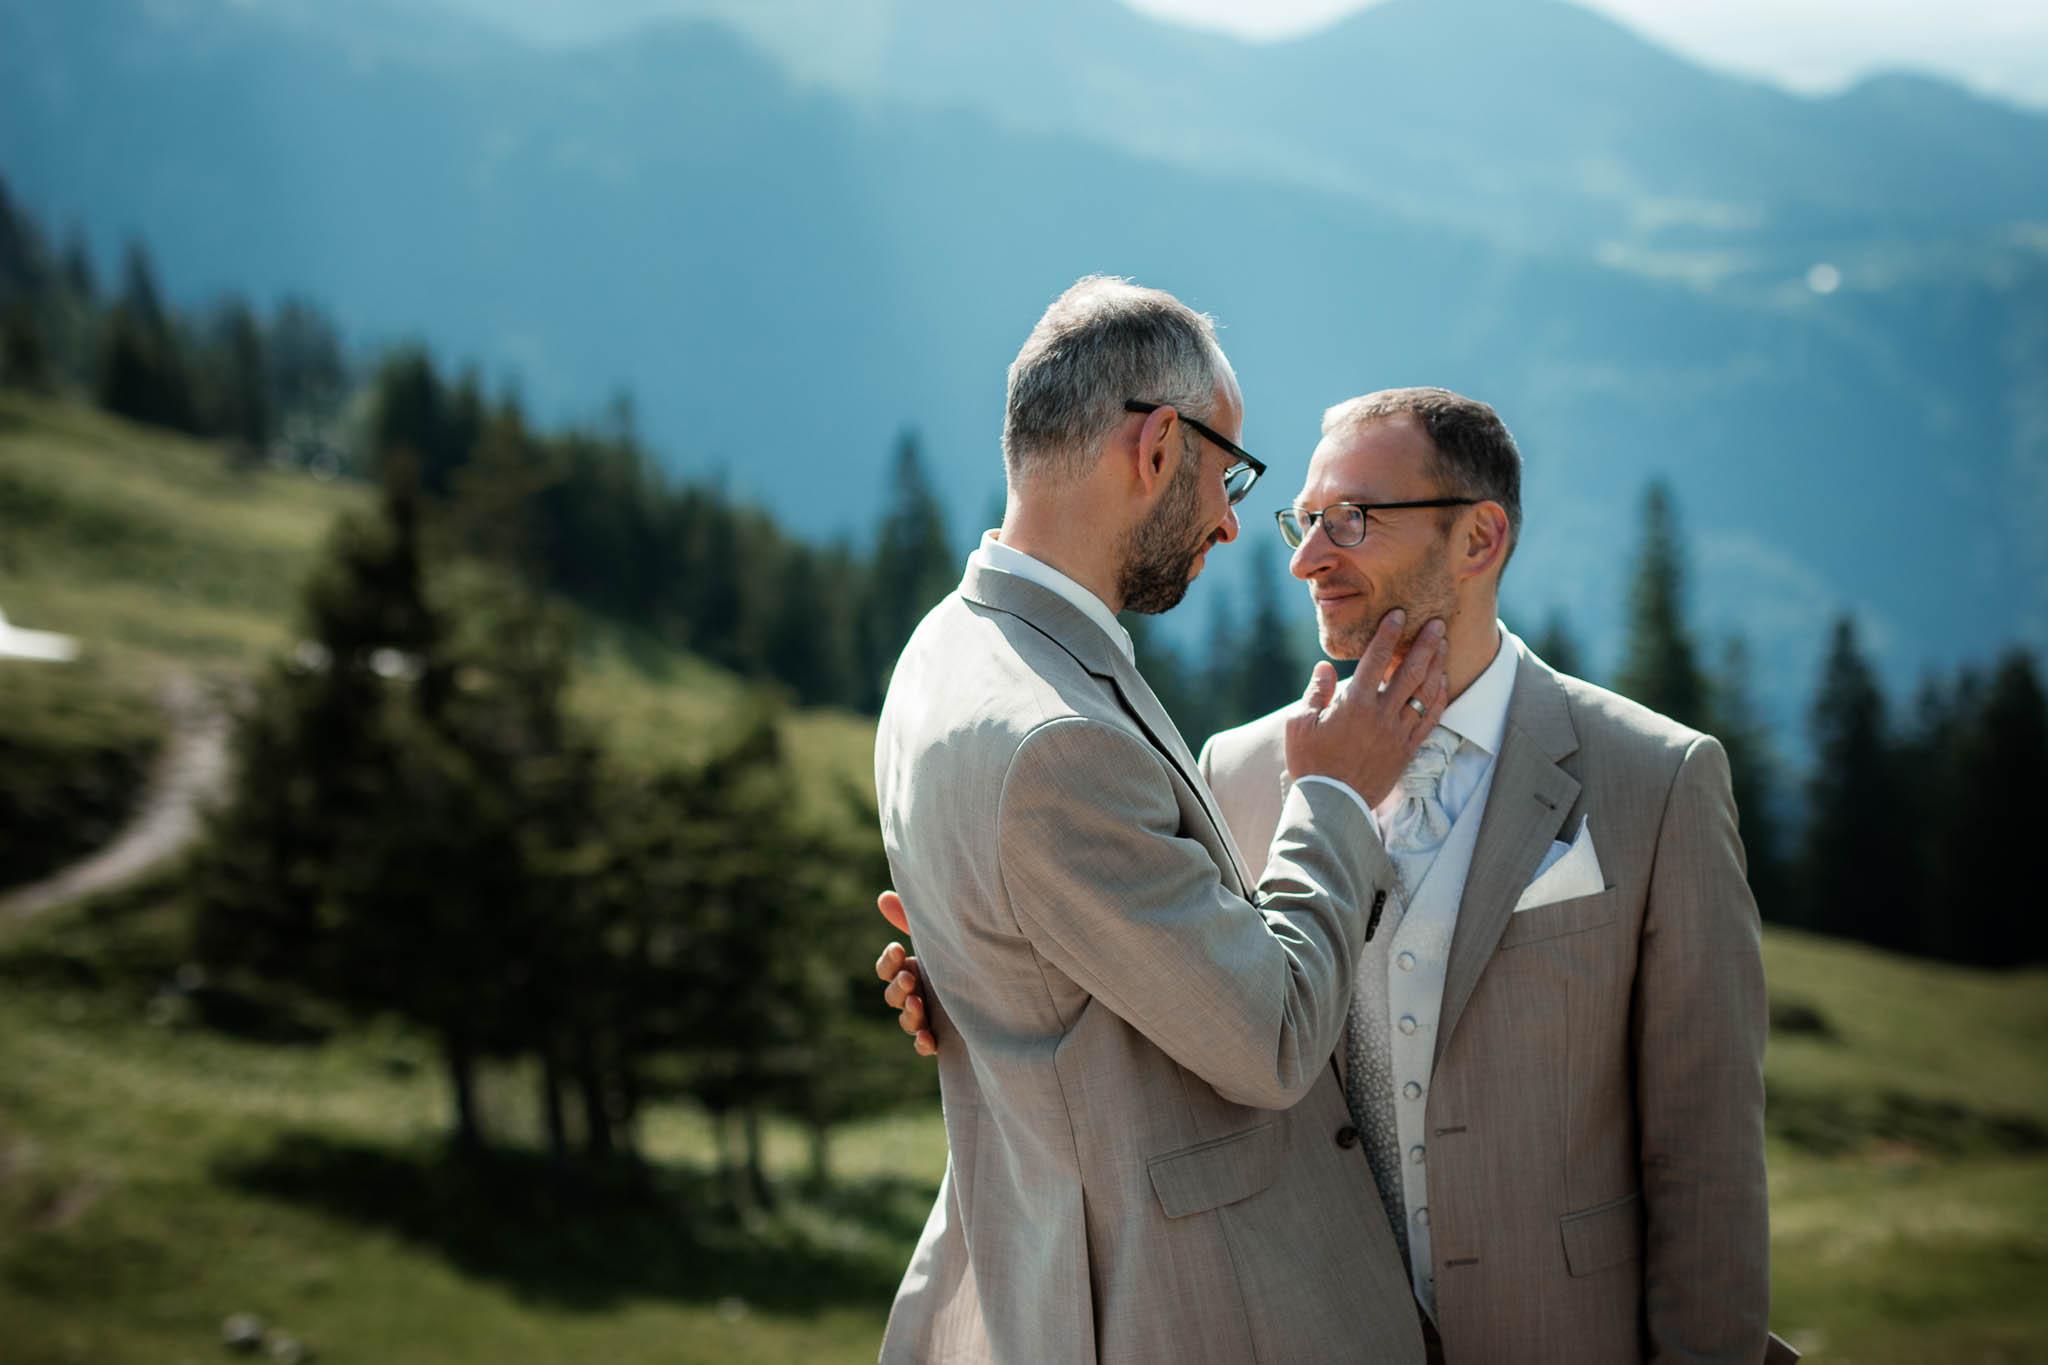 Hochzeitsfotograf Alpen, Chiemgau: freie Trauung von Dennis & Dirk 58